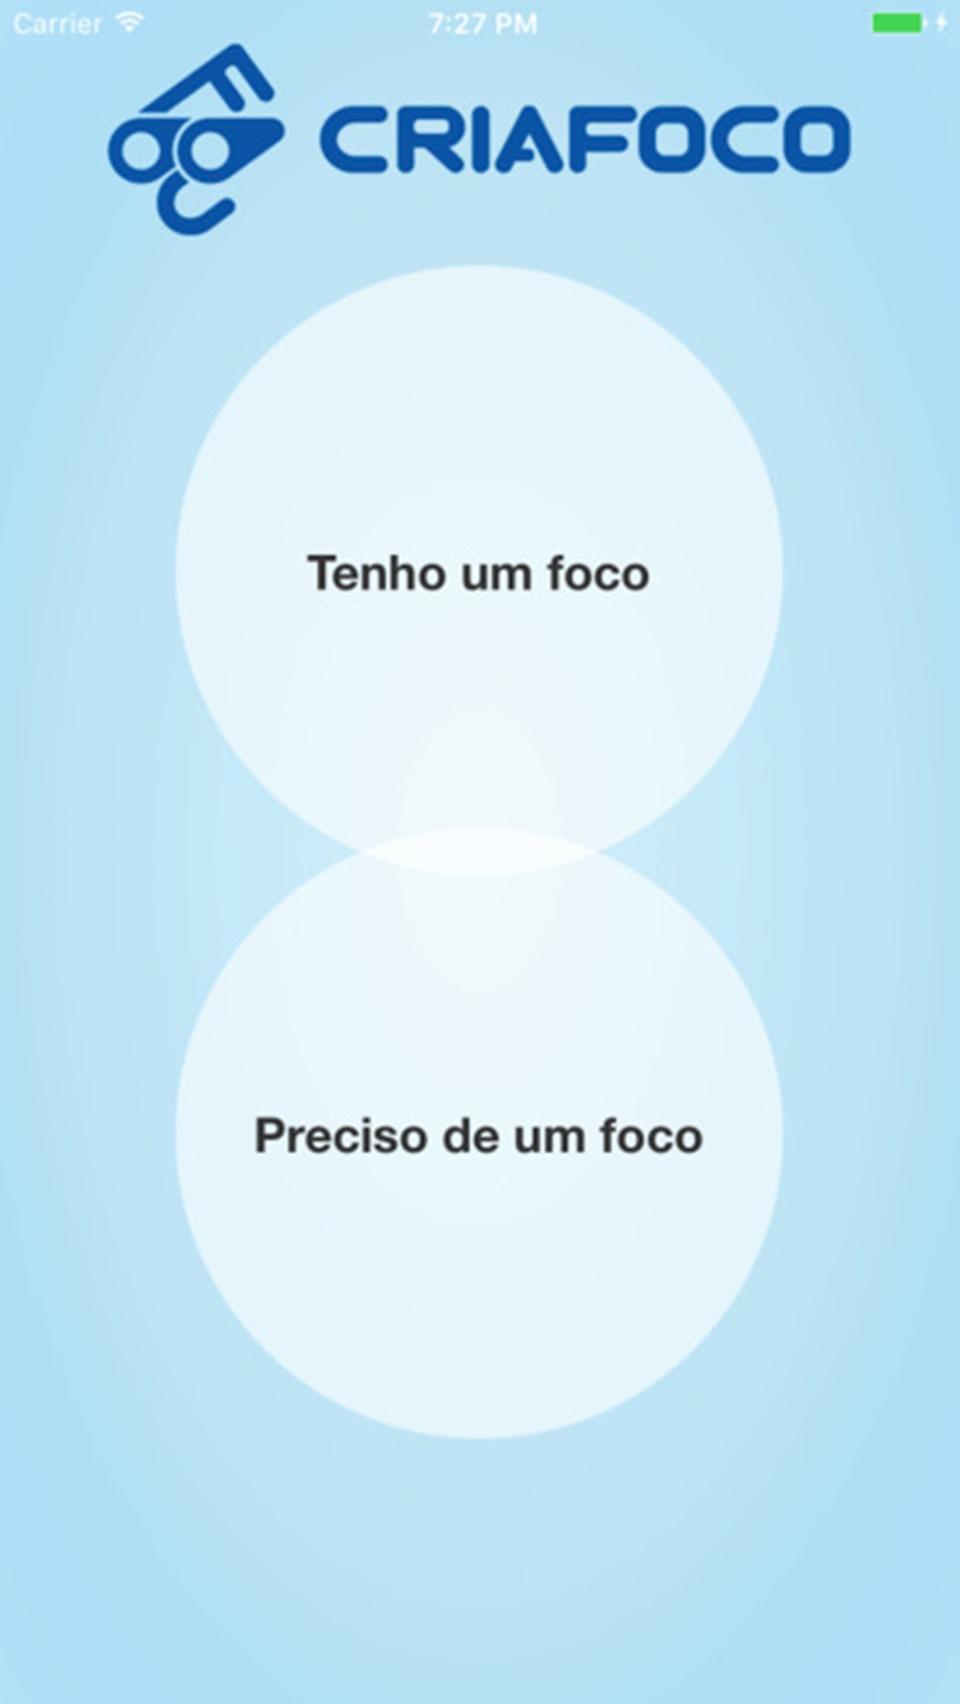 Aplicativo CriaFoco promete ajudar a traçar metas pessoais no seu celular